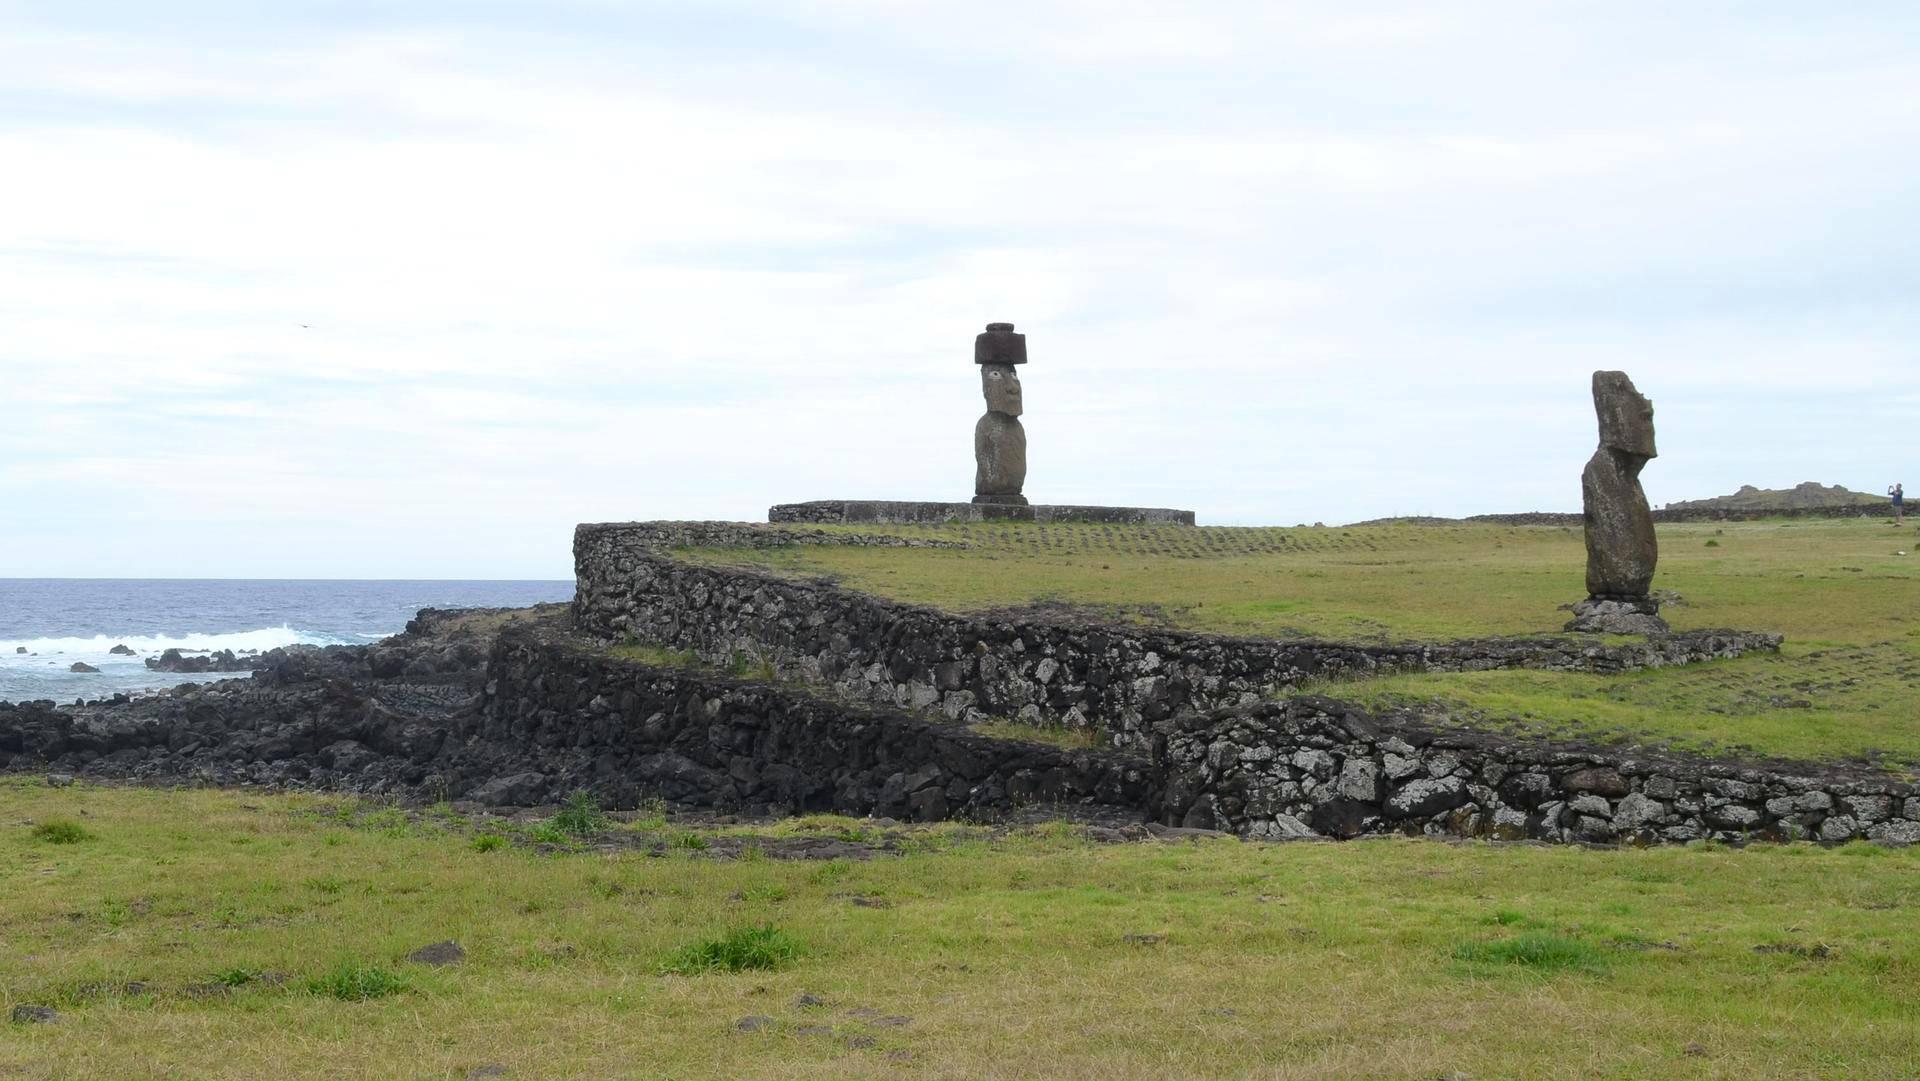 Ahu Tahailla seisoo Ahu Ko Te Riku -patsas, jonka silmät on entisöity. Useat moai-patsaat pystytettiin katsomaan sisämaahan päin, jotta ne voisivat suojella saarta.